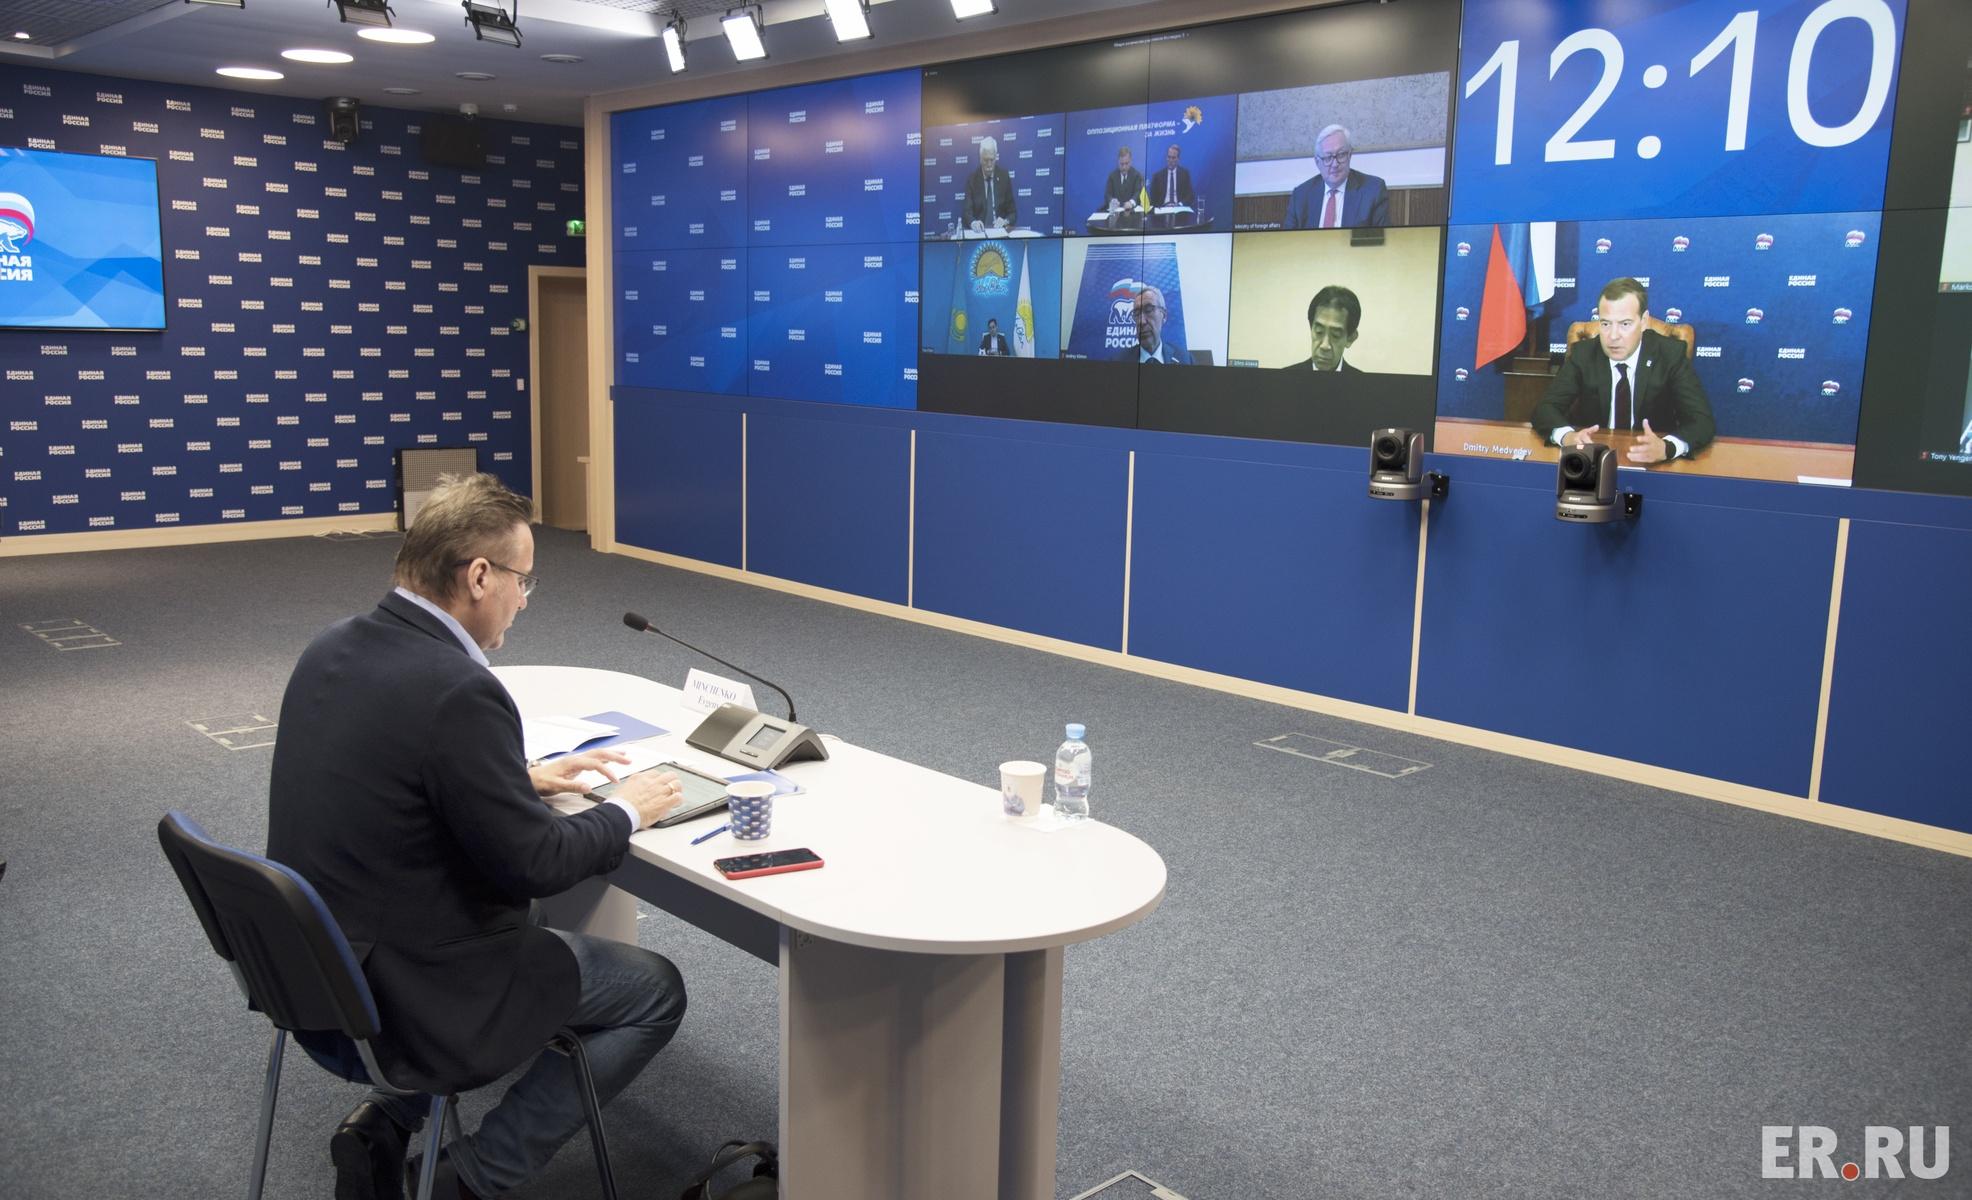 Круглый стол с представителями зарубежных парламентских партий по вопросу международного сотрудничества в борьбе с коронавирусом